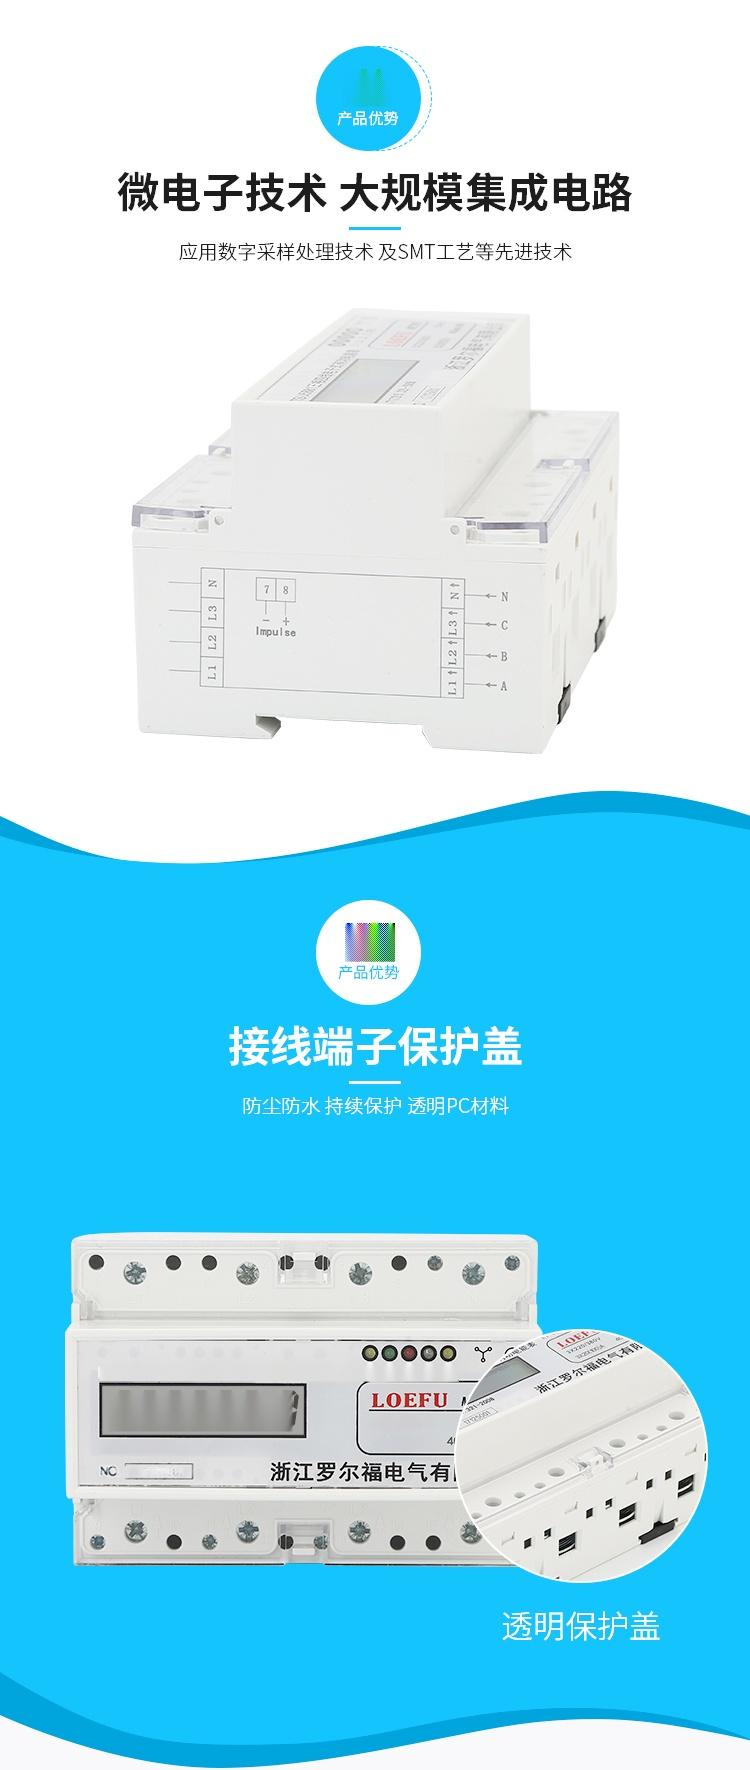 7P-DTSU5881-液晶显示_03.jpg